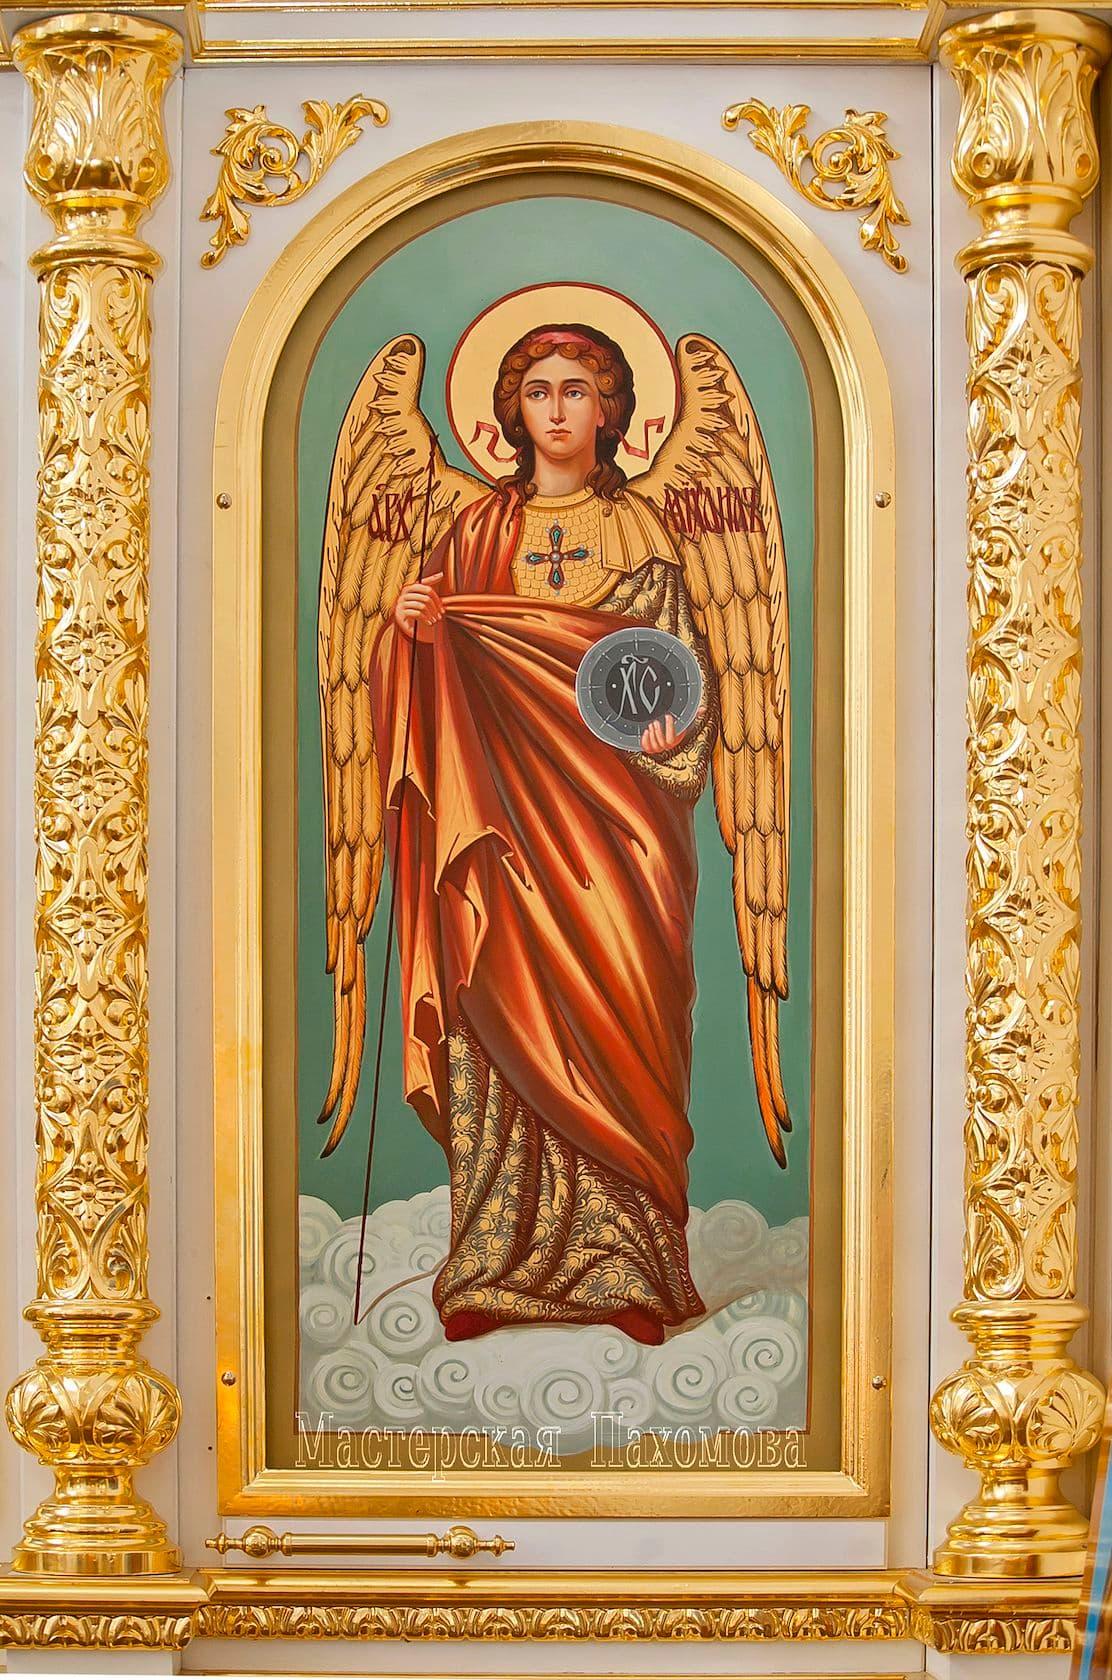 Деревянный иконостас - местный чин, нижний ряд. Объемная резьба, золочение сусальным золотом